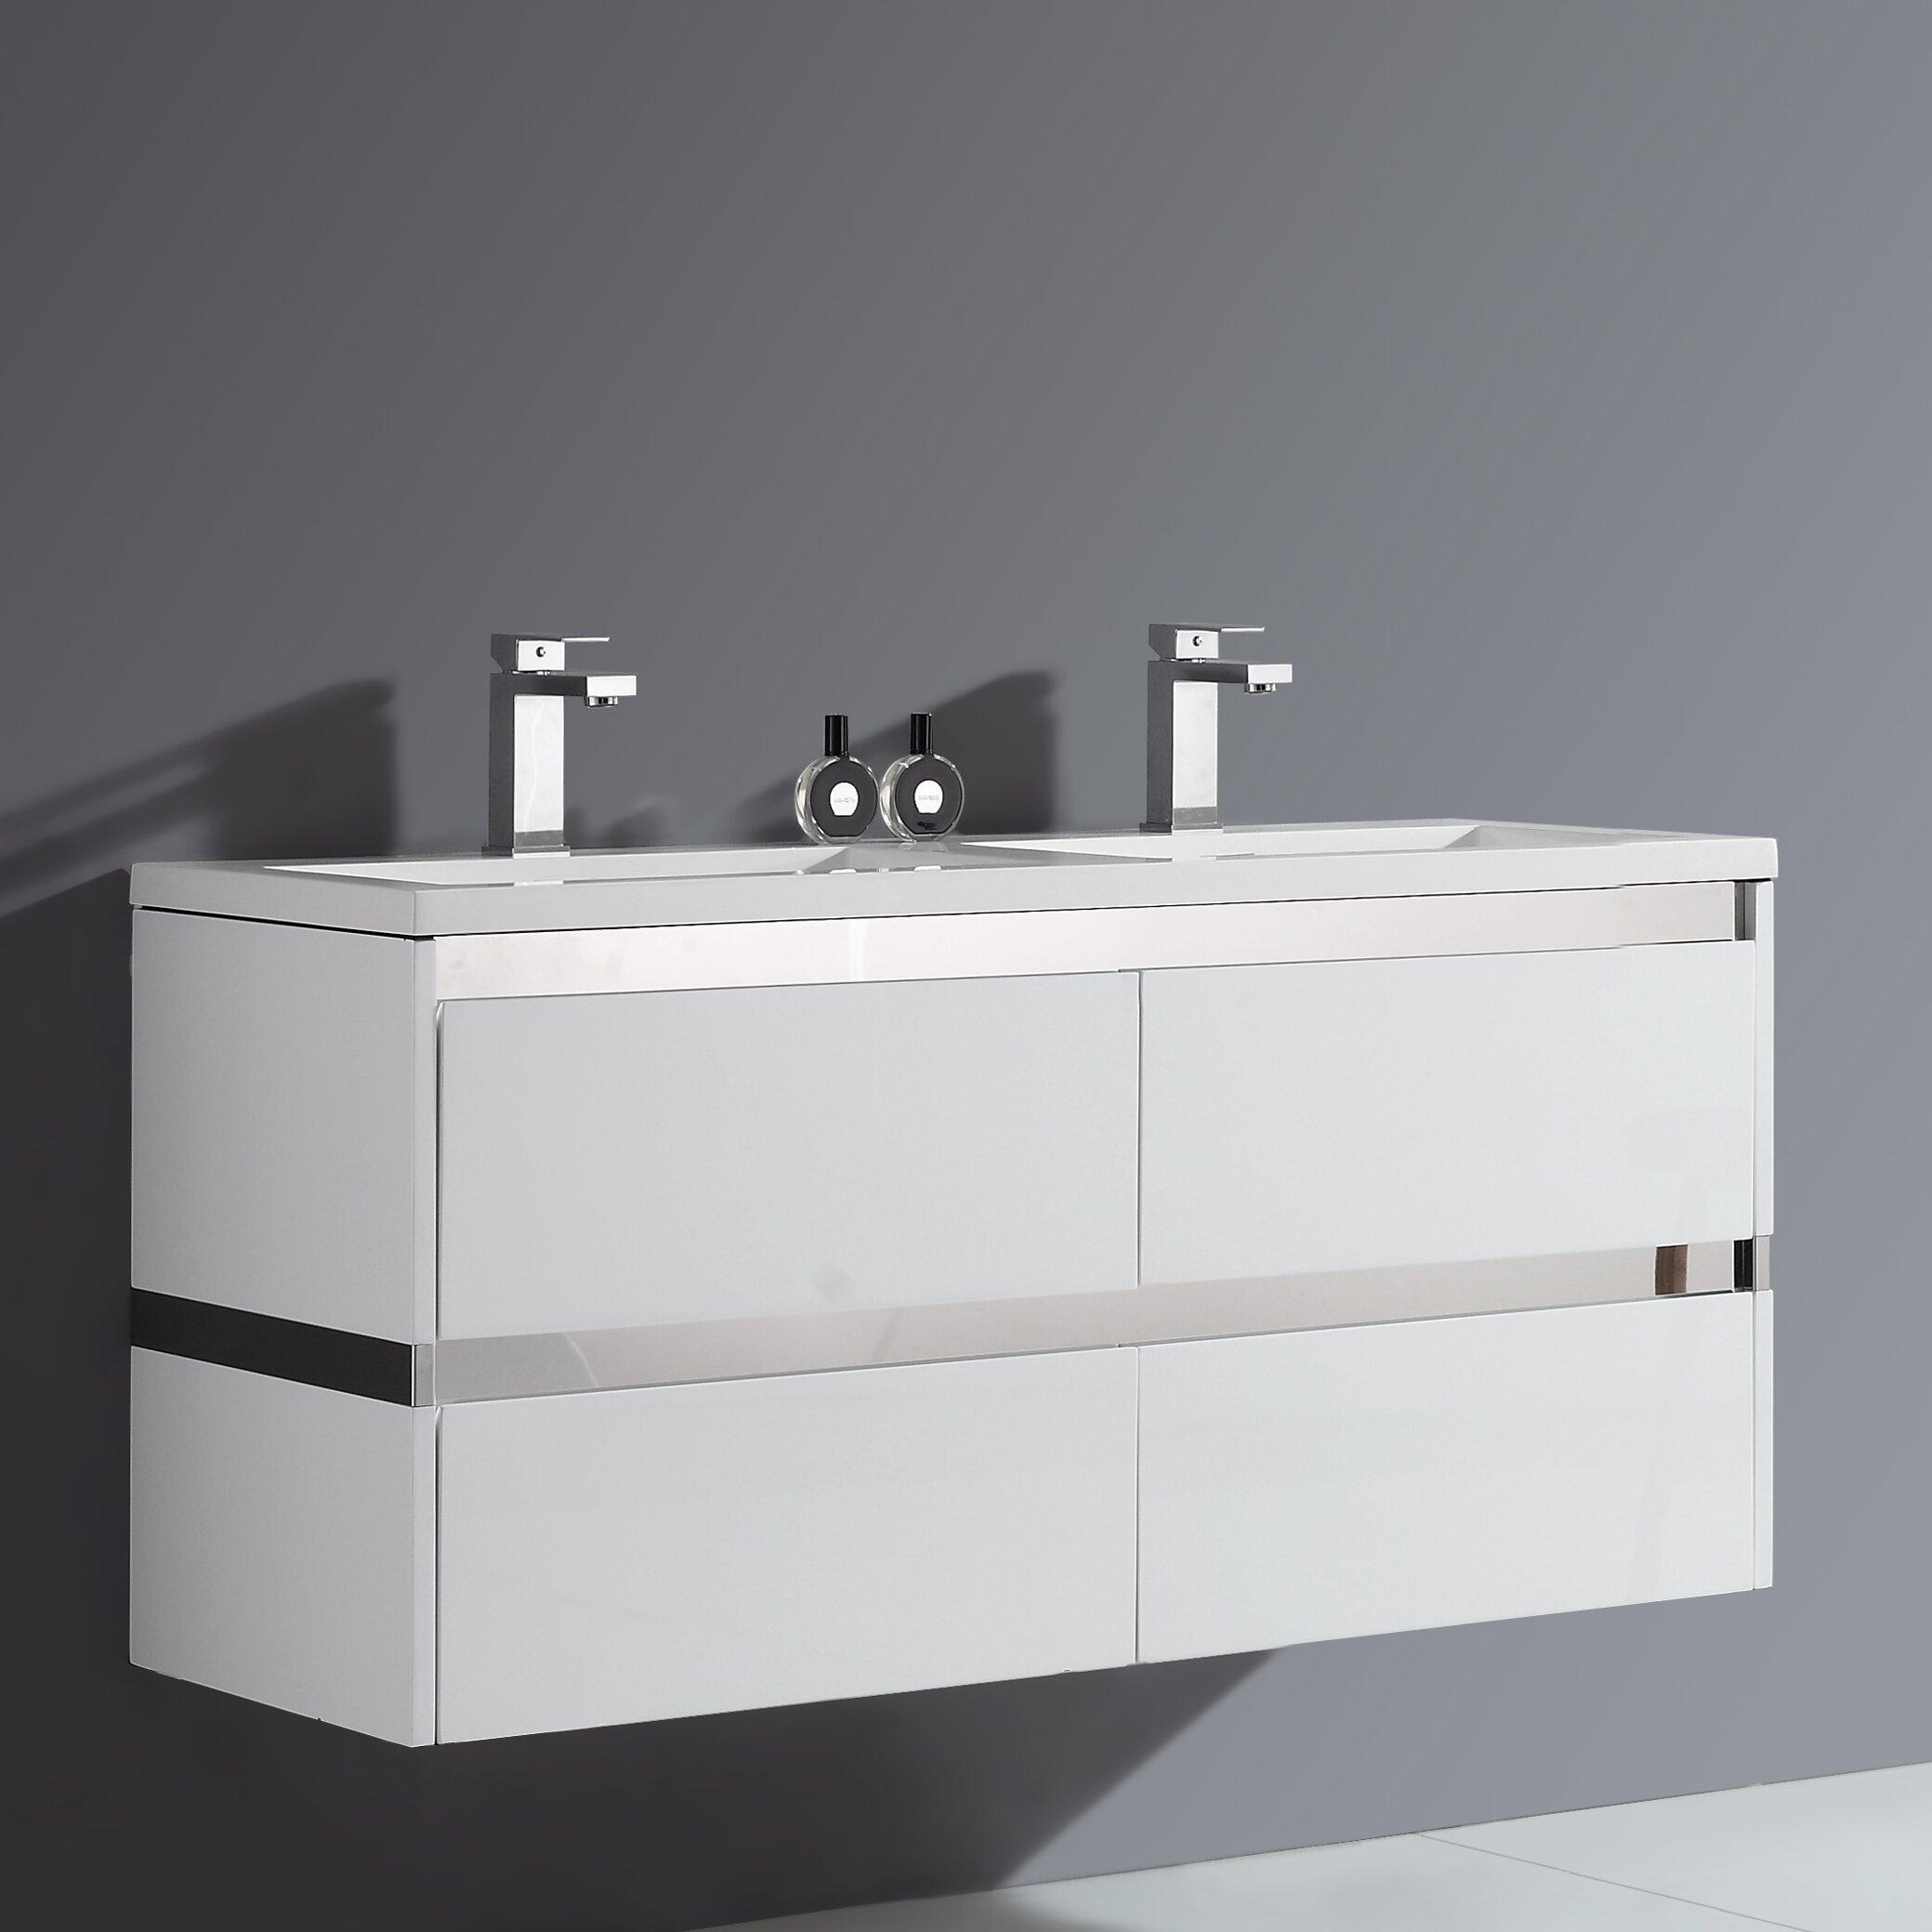 ove decors durante 48 quot  double bathroom vanity set wayfair 48 Inch Double Sink Bathroom Vanities 48 Inch Double Sink Bathroom Vanity